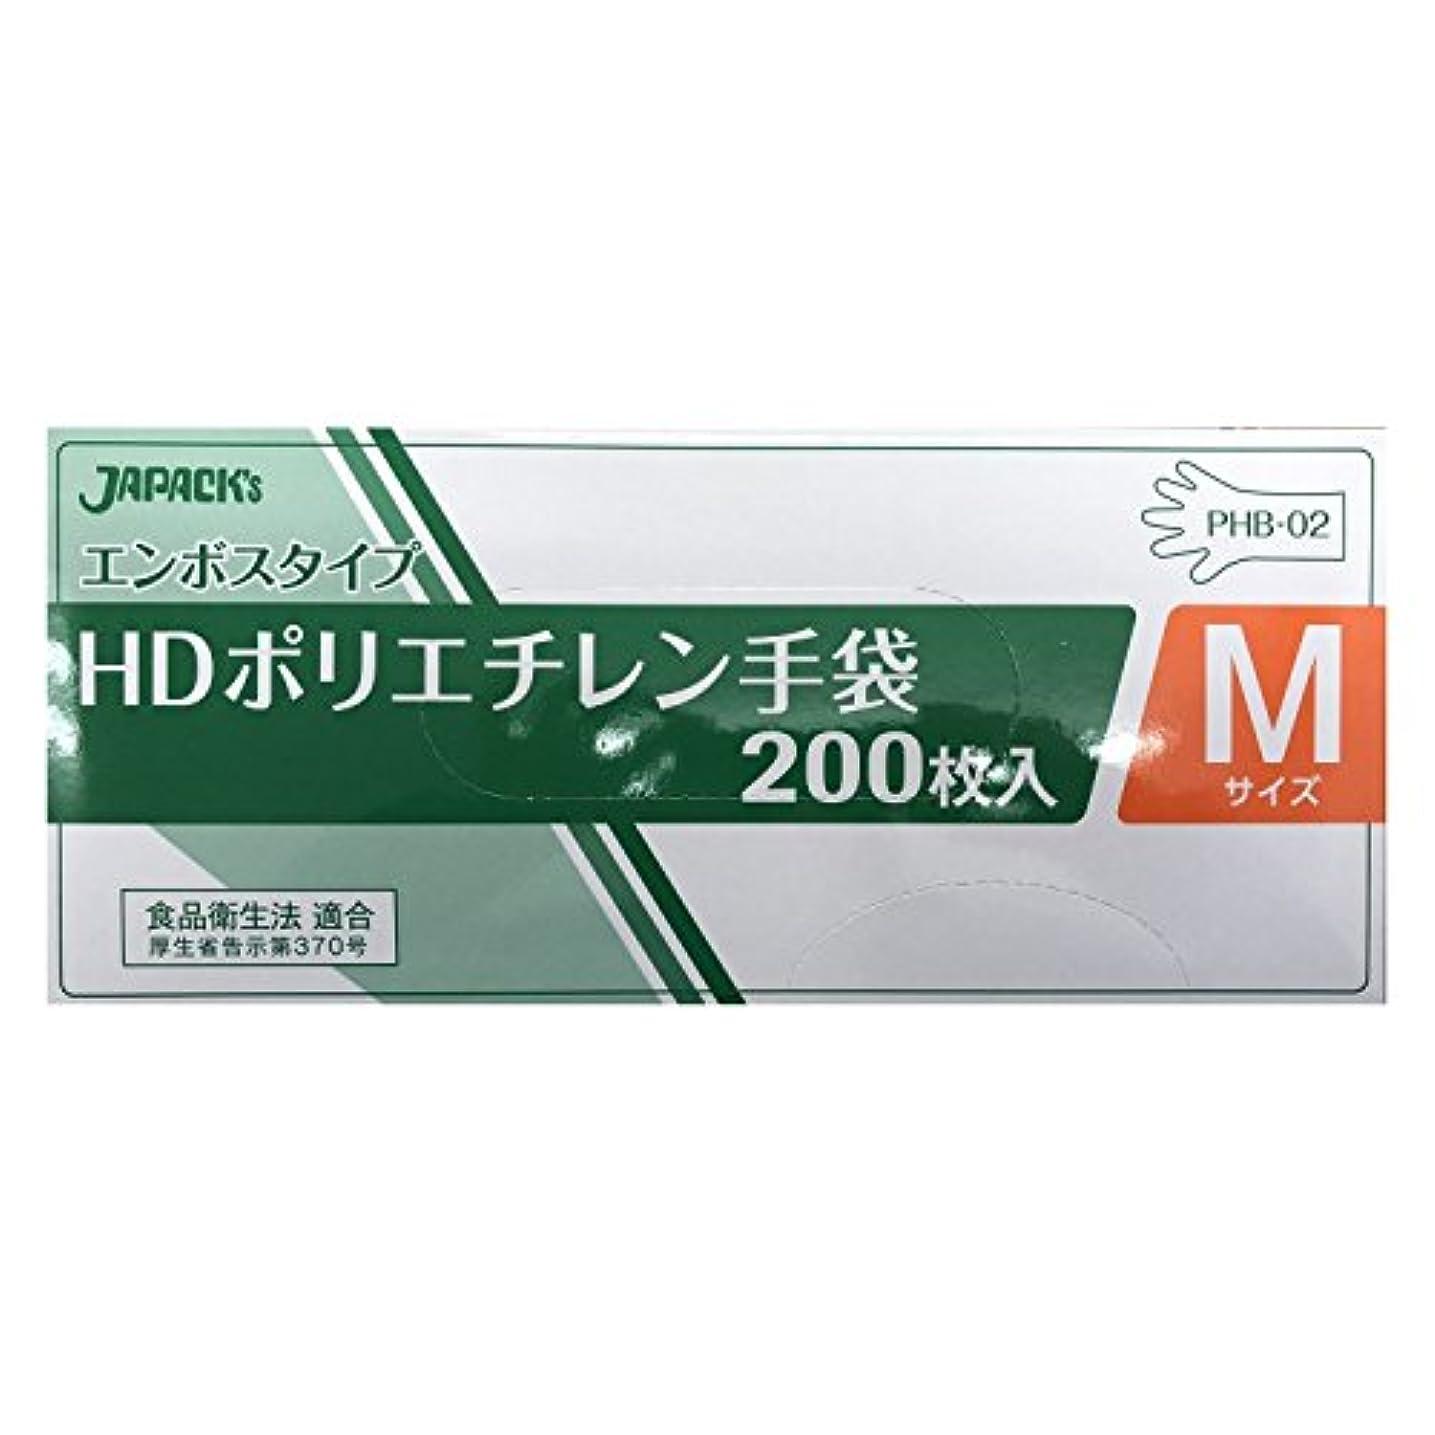 おしゃれじゃない疎外する悩むエンボスタイプ HDポリエチレン手袋 Mサイズ BOX 200枚入 無着色 PHB-02